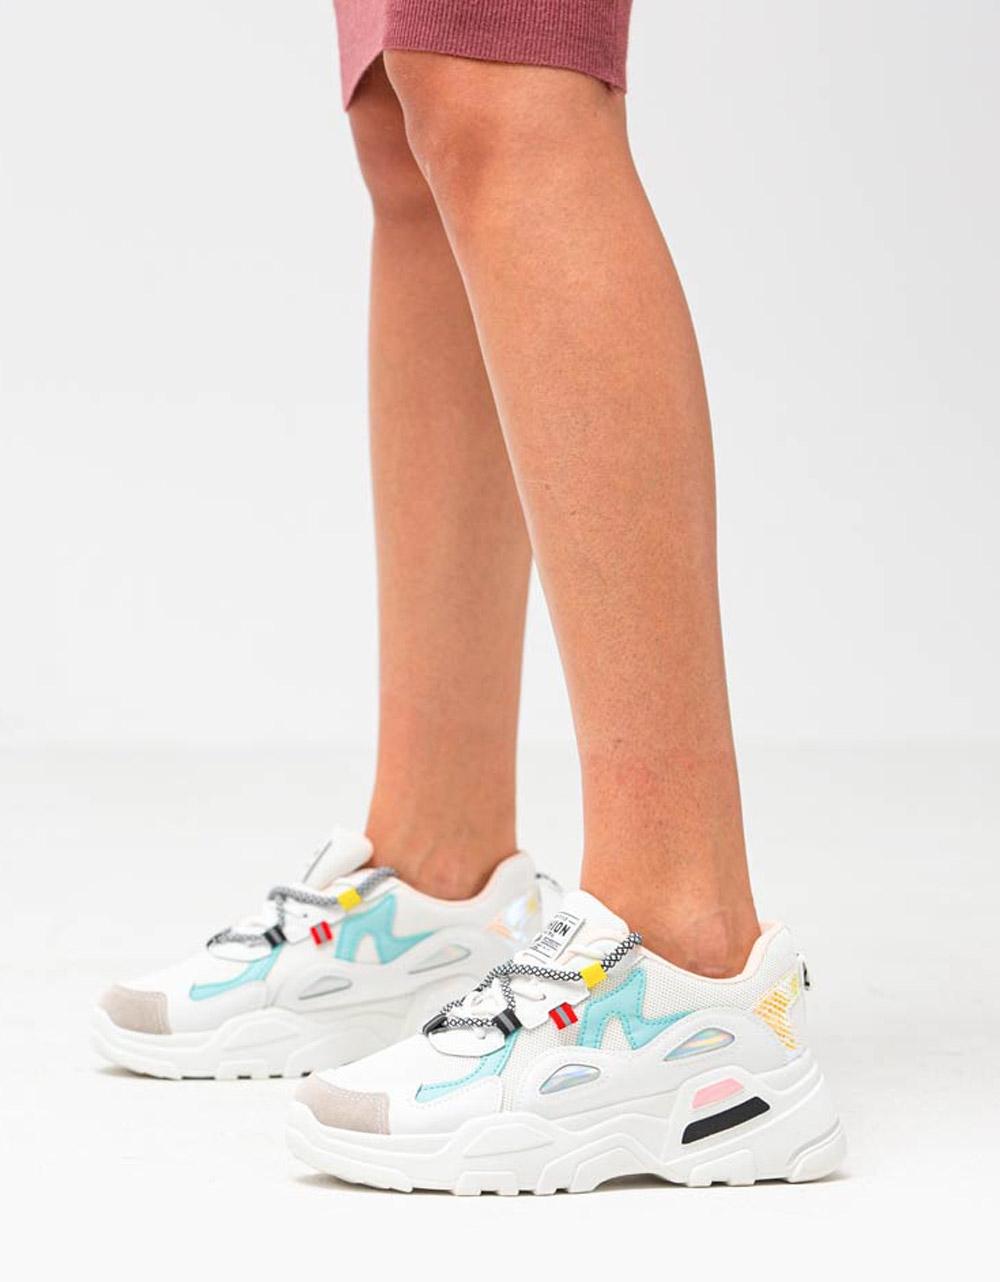 Εικόνα από Γυναικεία sneakers με δίχρωμες λεπτομέρειες Λευκό/Σιέλ